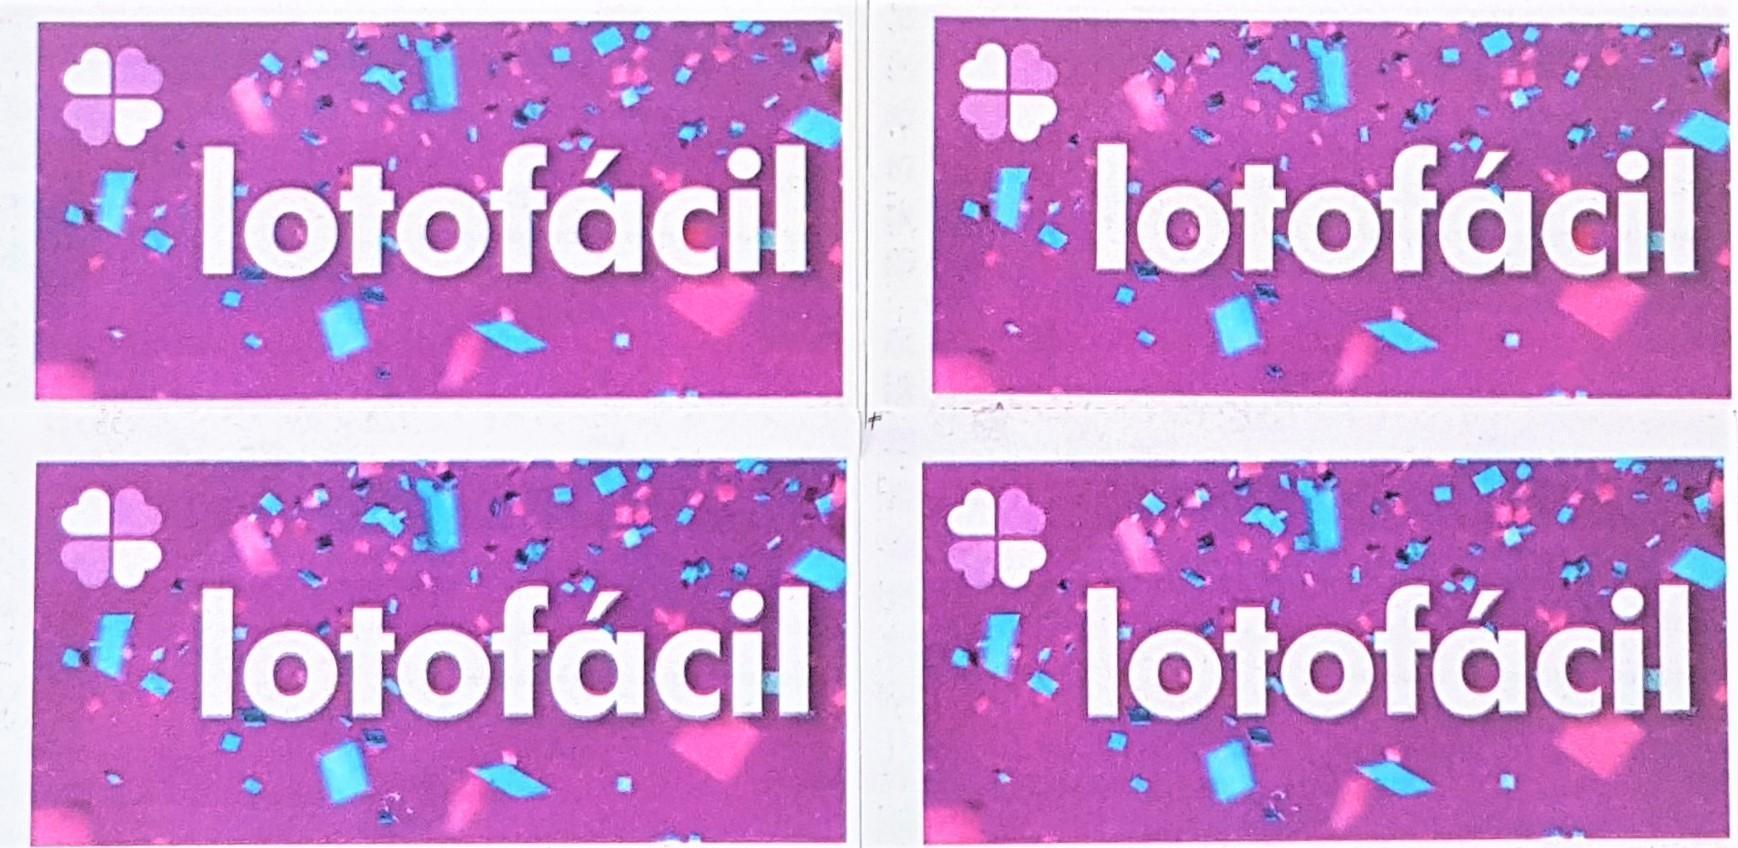 resultado da lotofácil 2103 - A imagem mostra quatro logos da Lotofácil